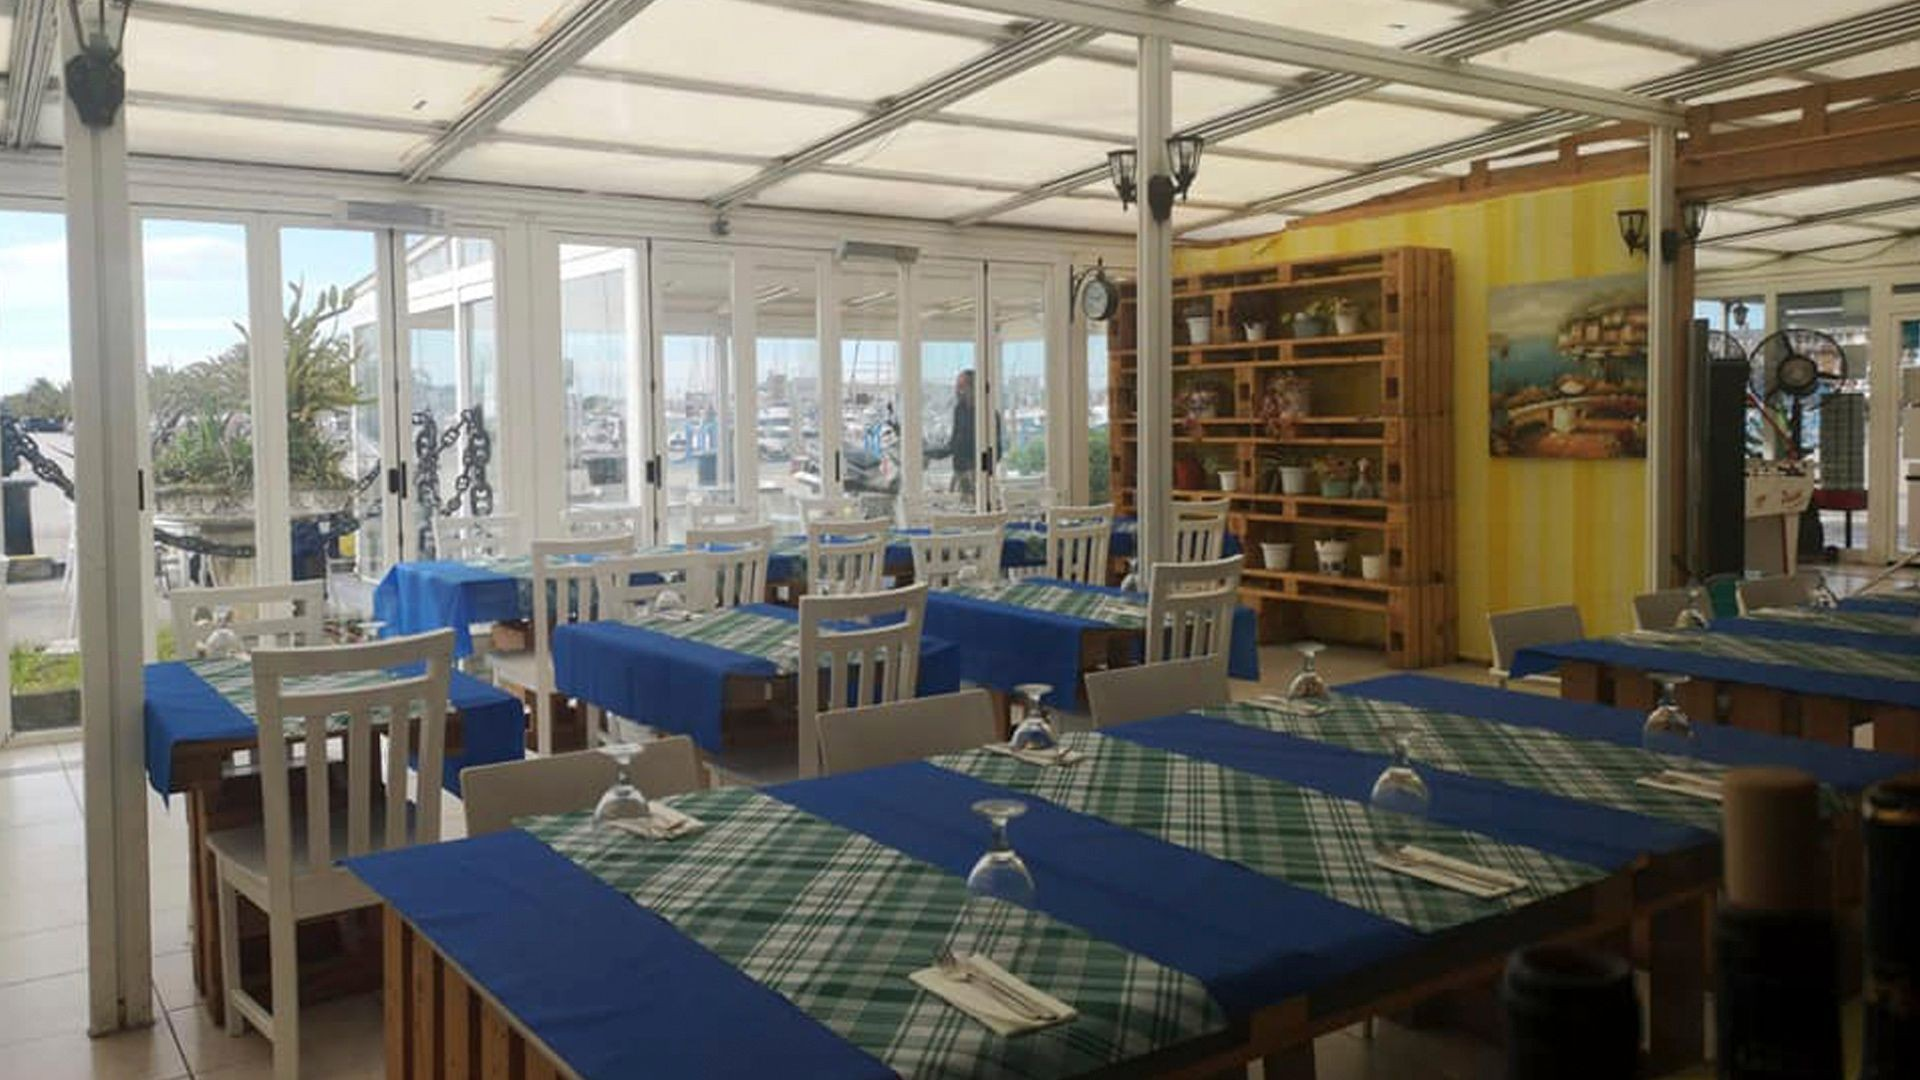 Restaurante con comida casera en Camargo